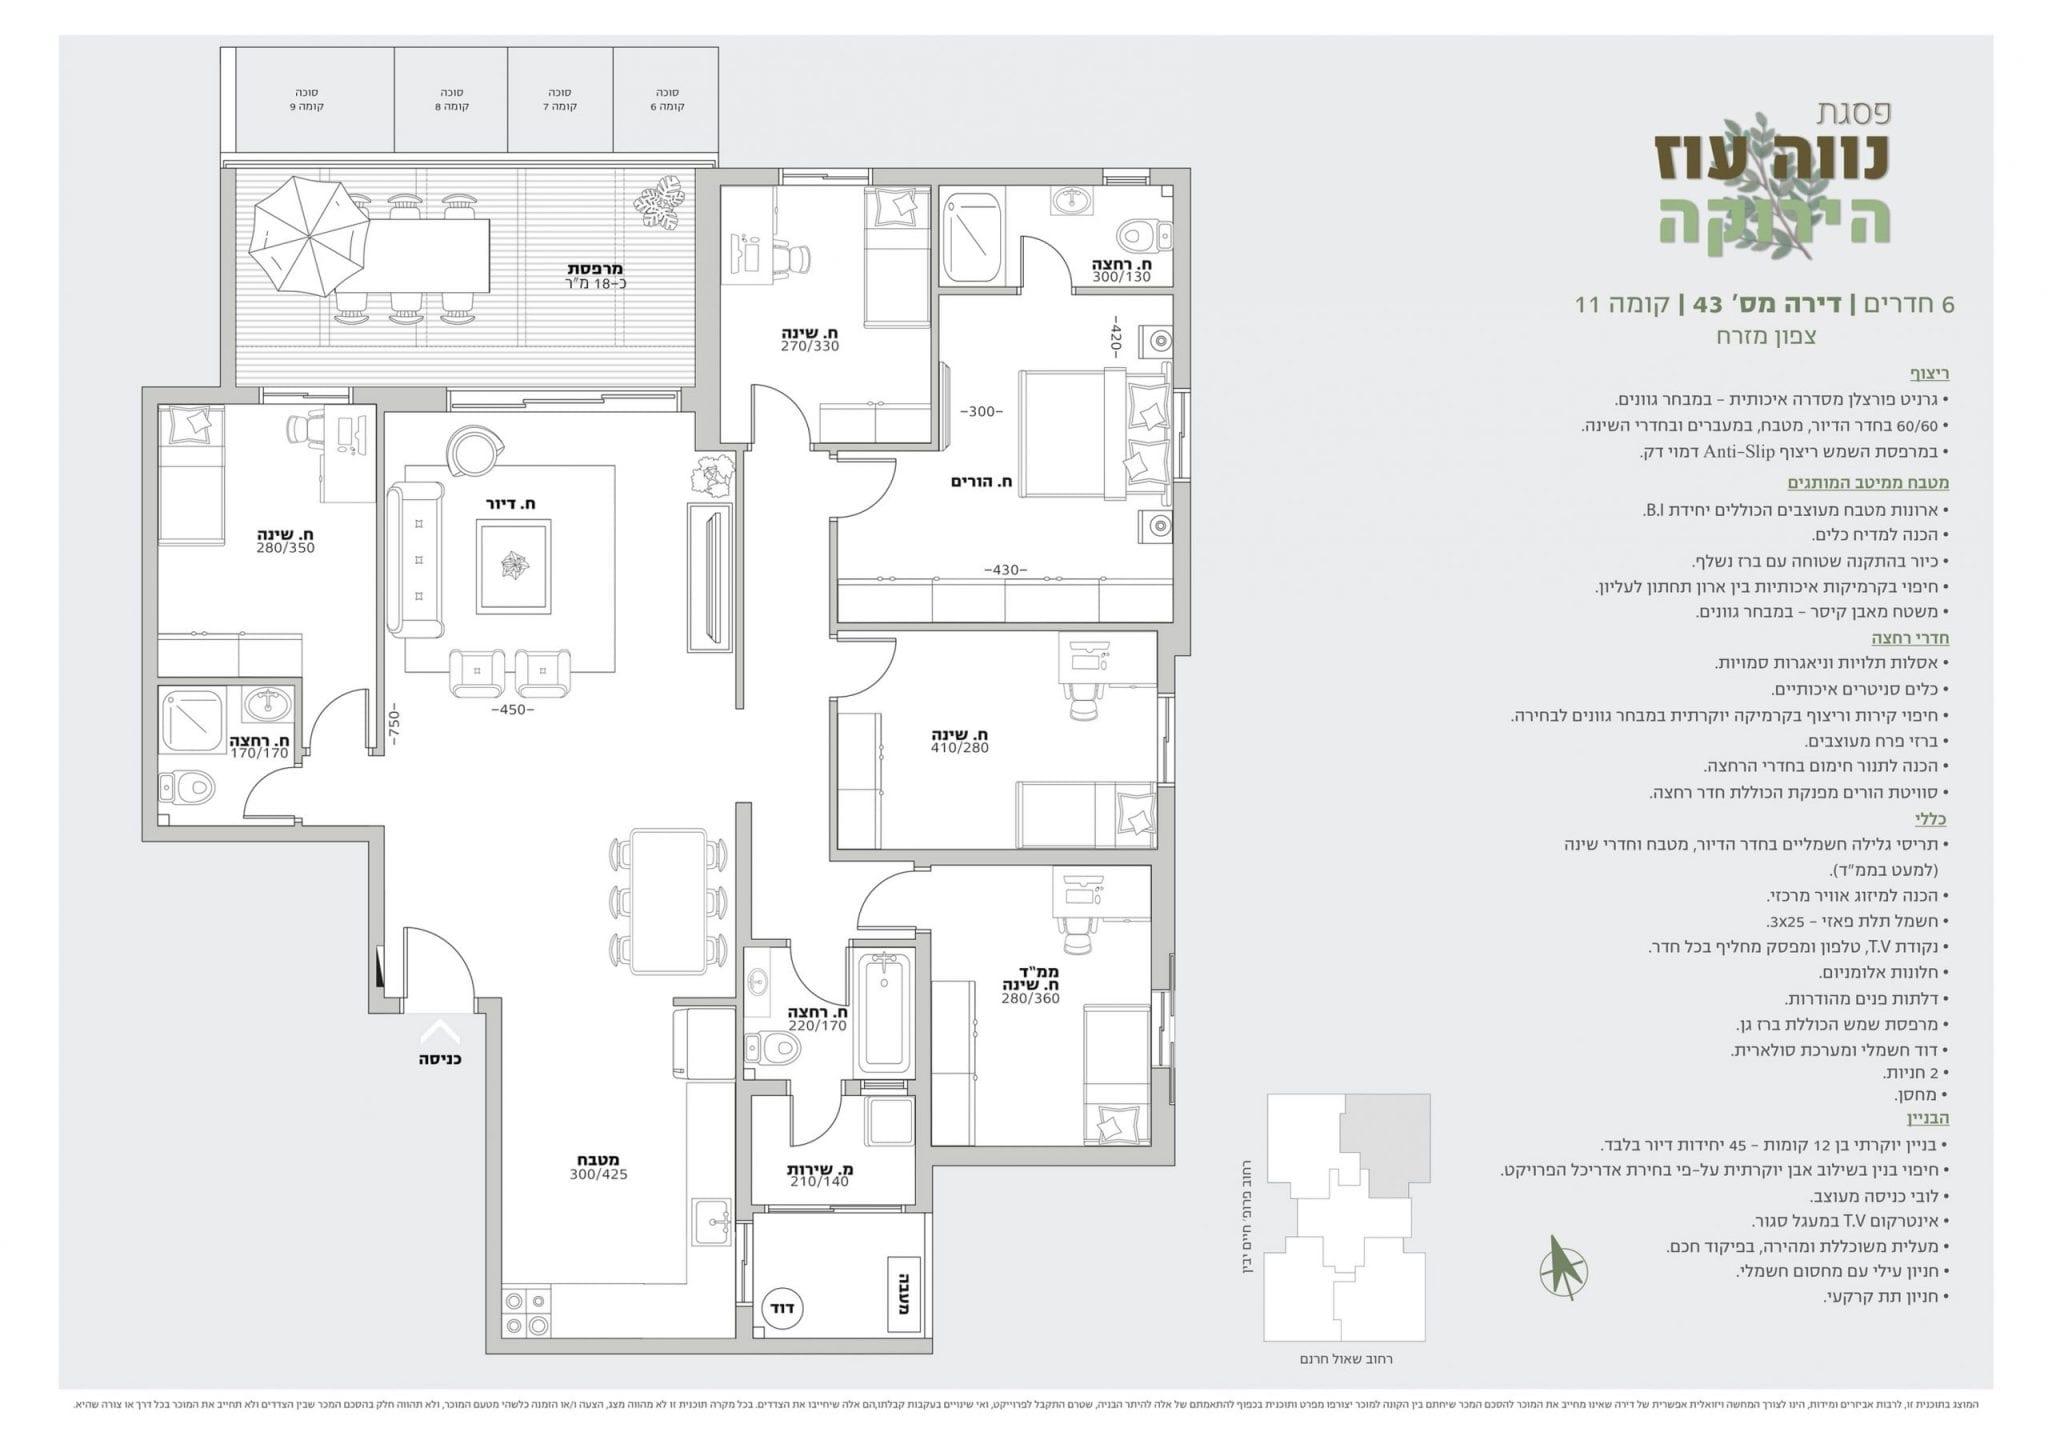 דירת 6 חדרים מספר 43